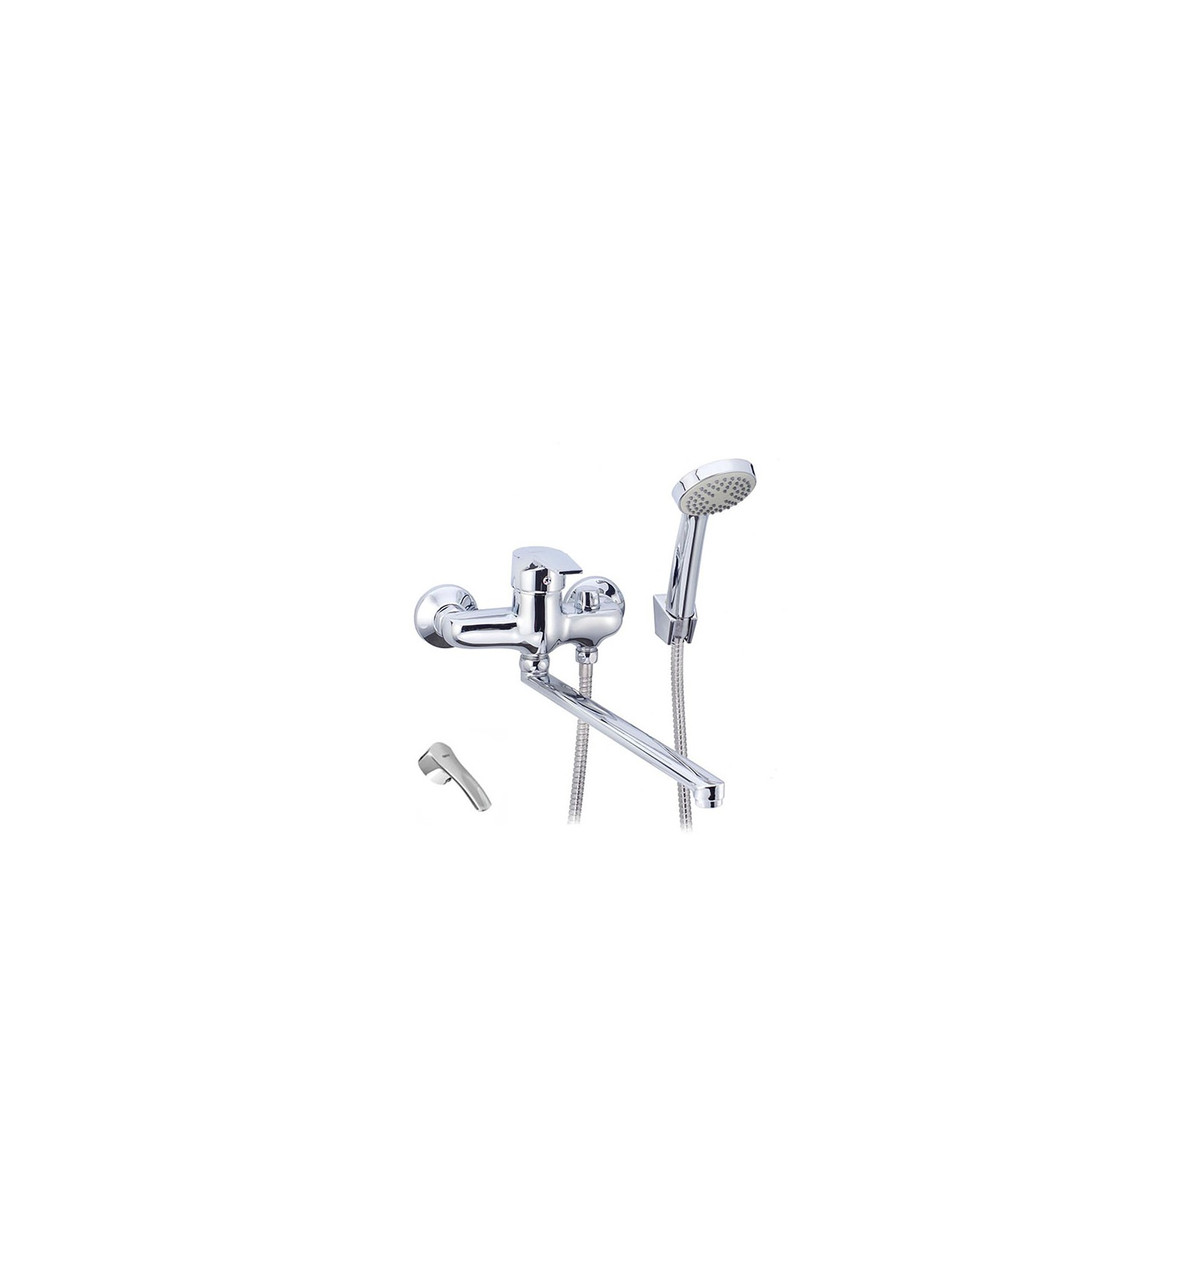 Змішувач для ванни ZX NEO-A279